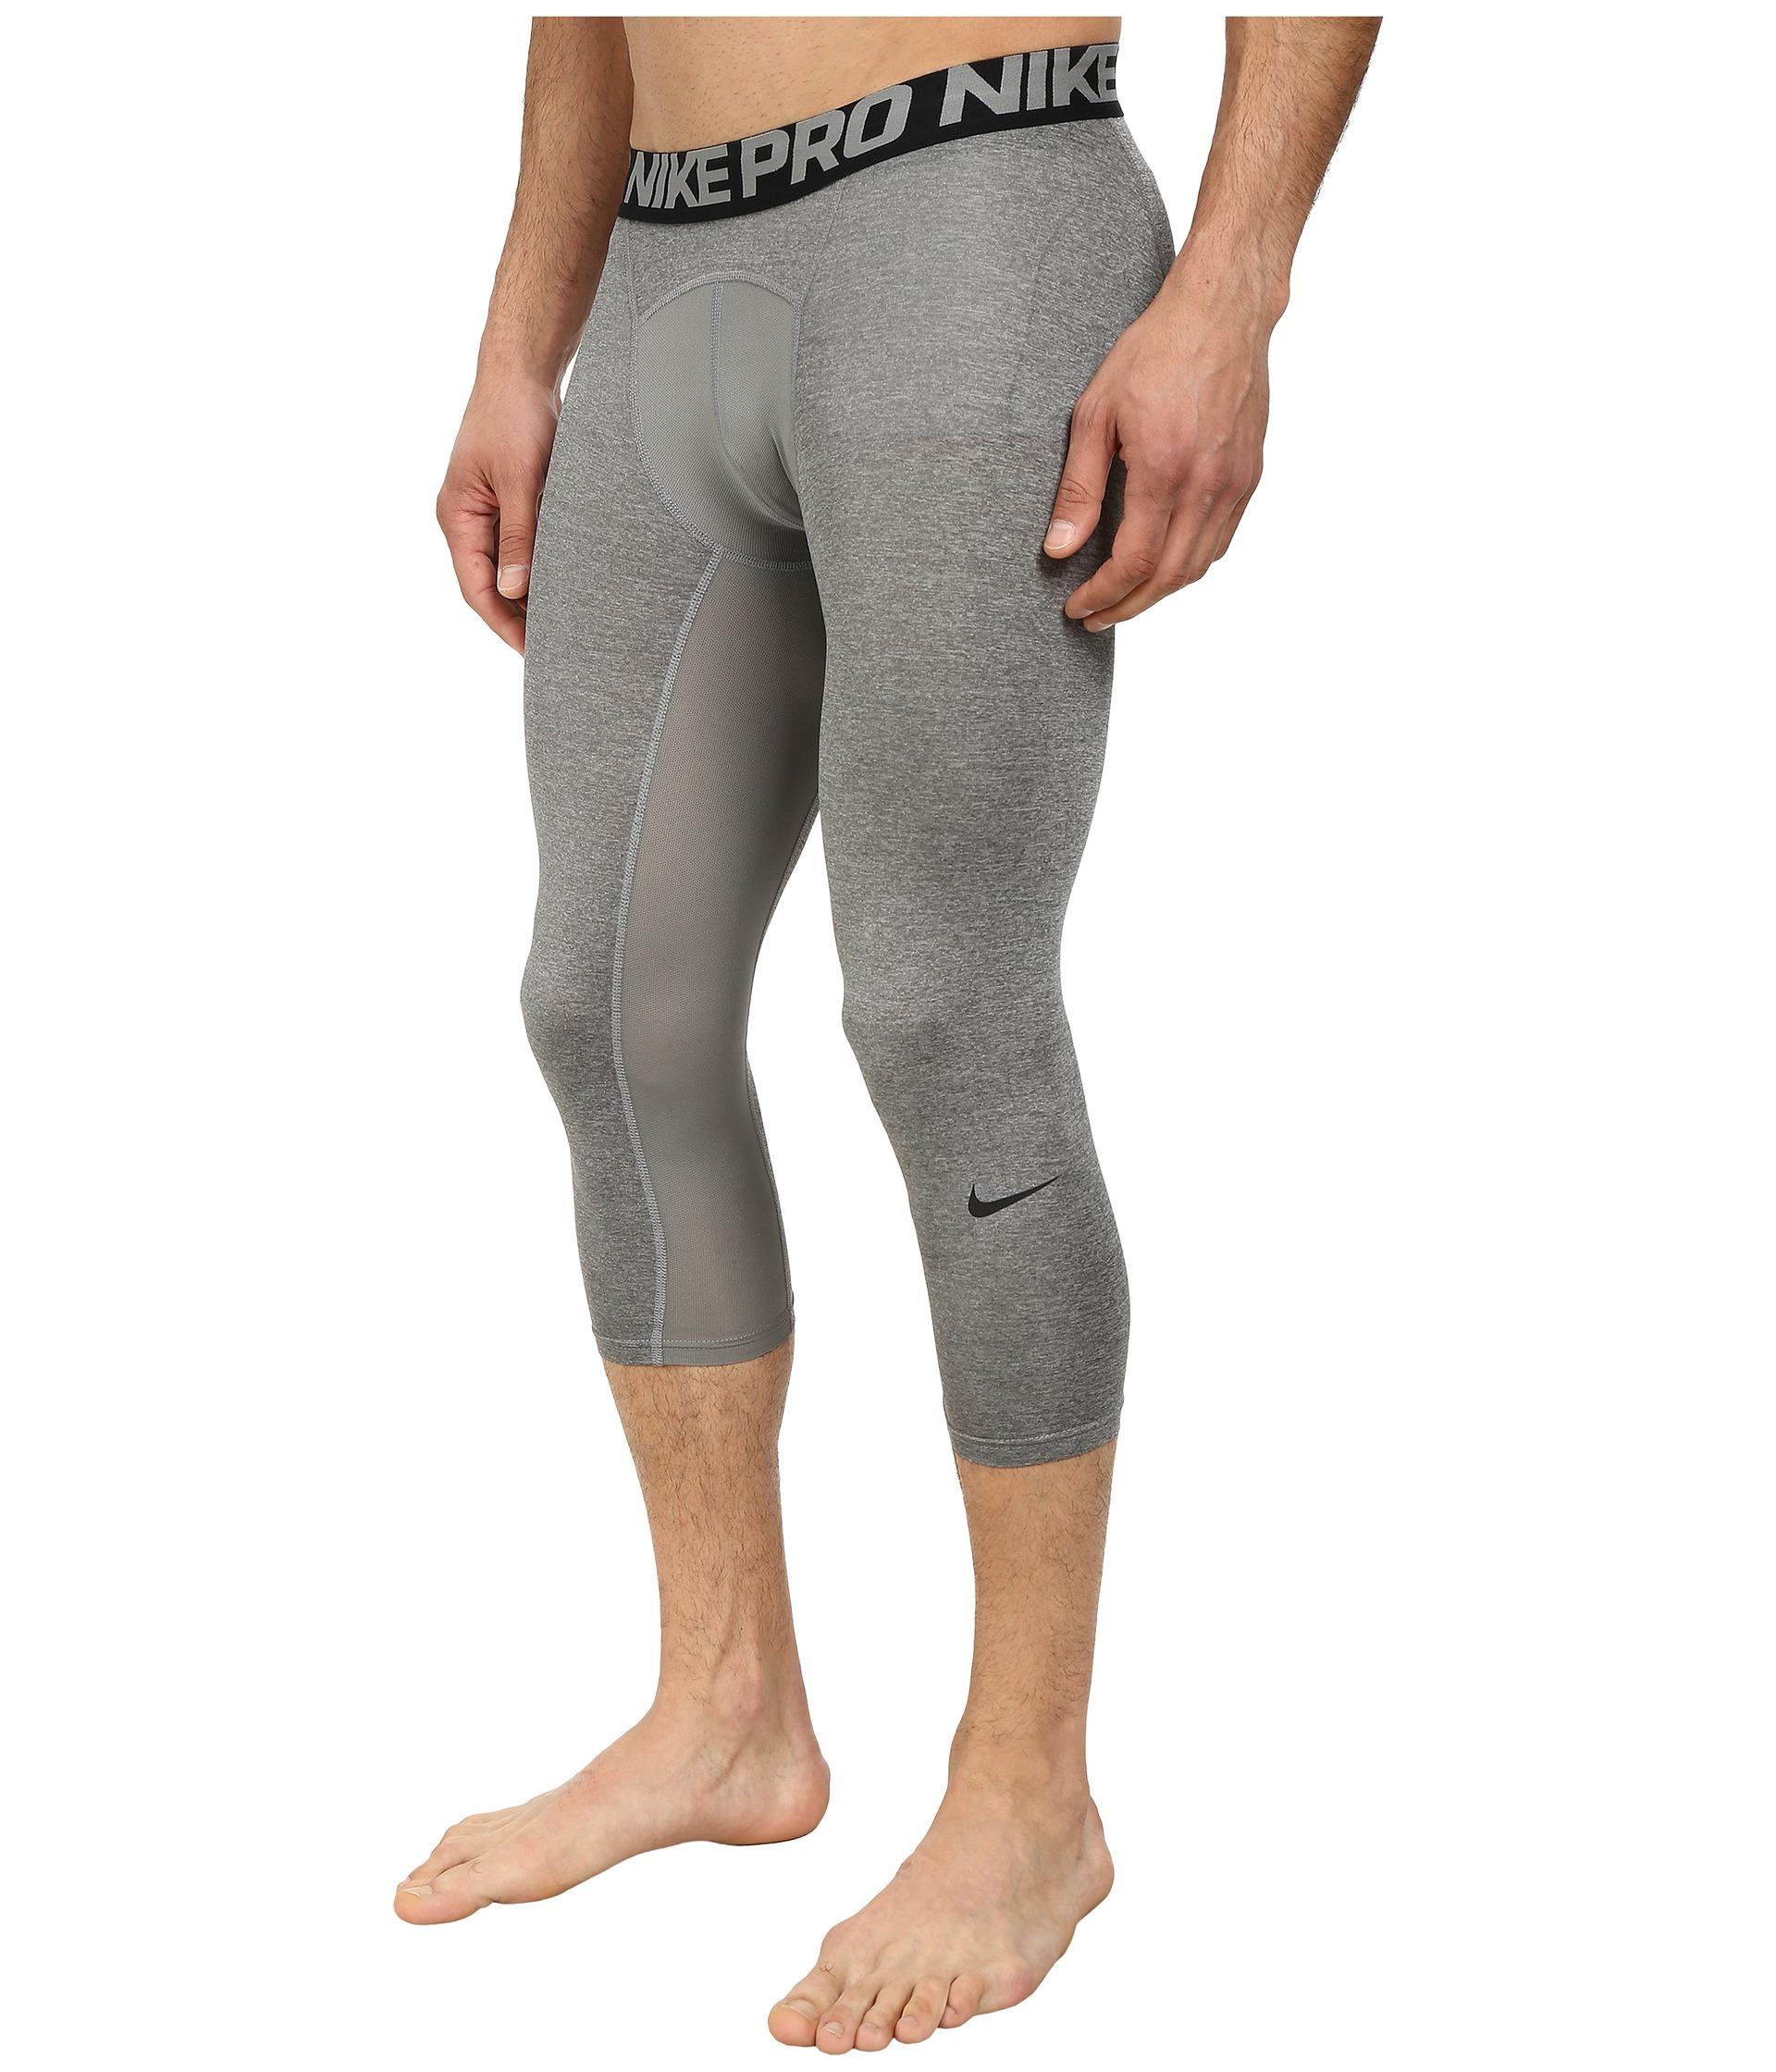 New Nike Pro 5quot Compression Shorts  Women39s  Training  Clothing  Lig